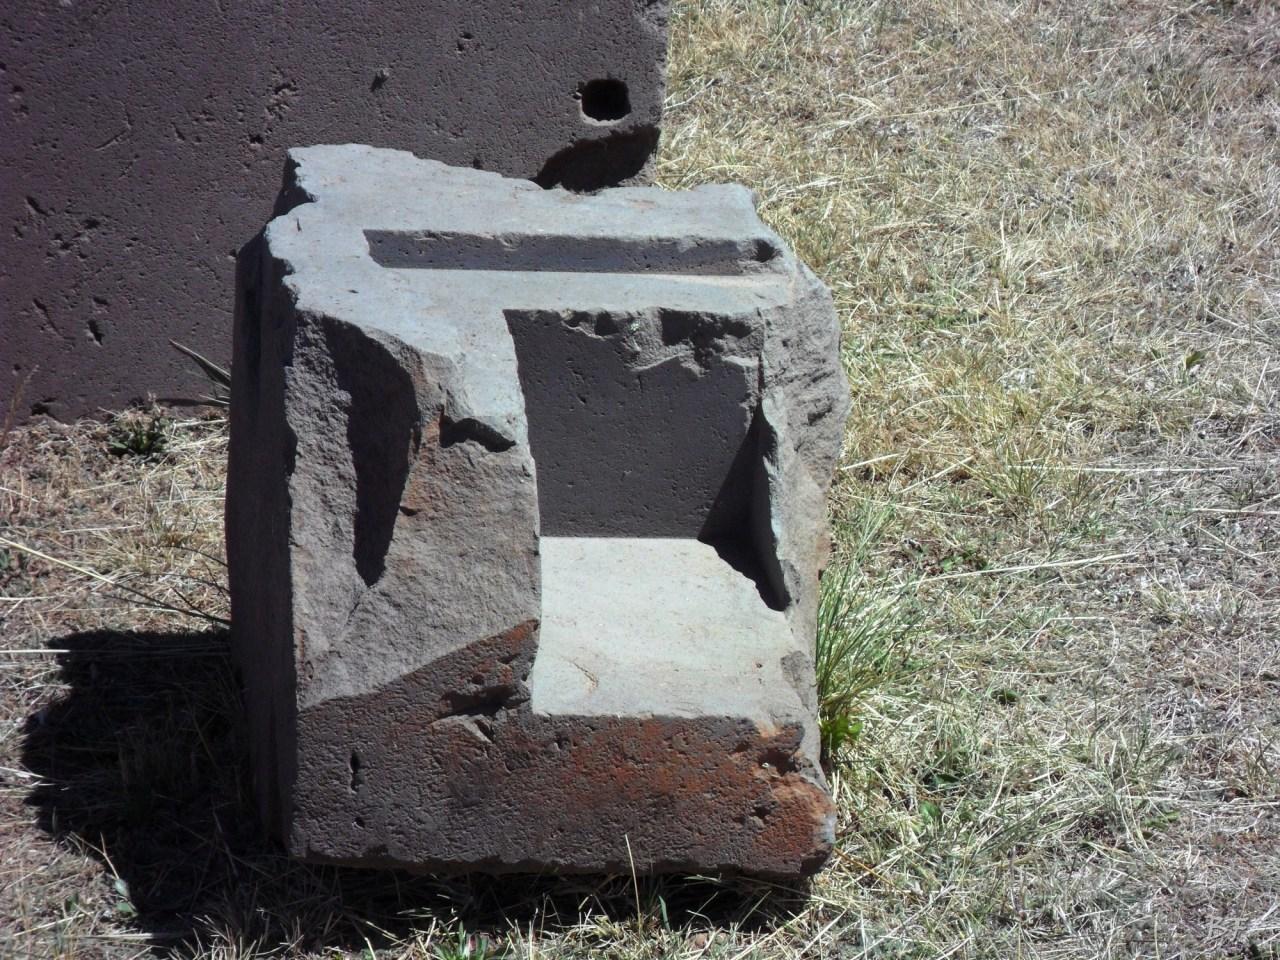 Puma-Punku-Area-Megalitica-Mura-Poligonali-Megaliti-Tiwanaku-Tiahuanaco-Bolivia-70